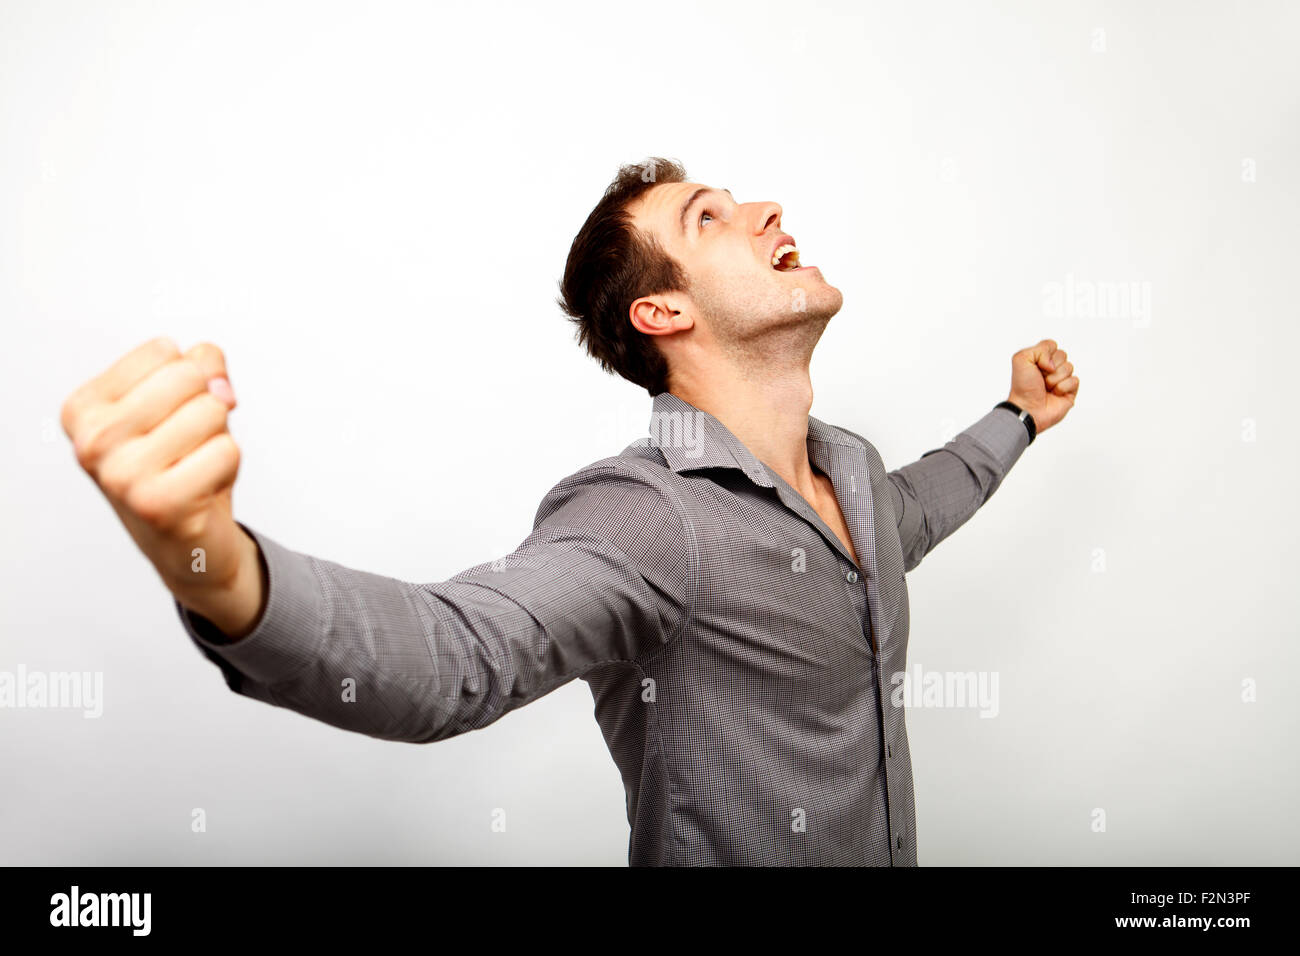 Emozionato uomo felice per la vittoria e il successo Immagini Stock